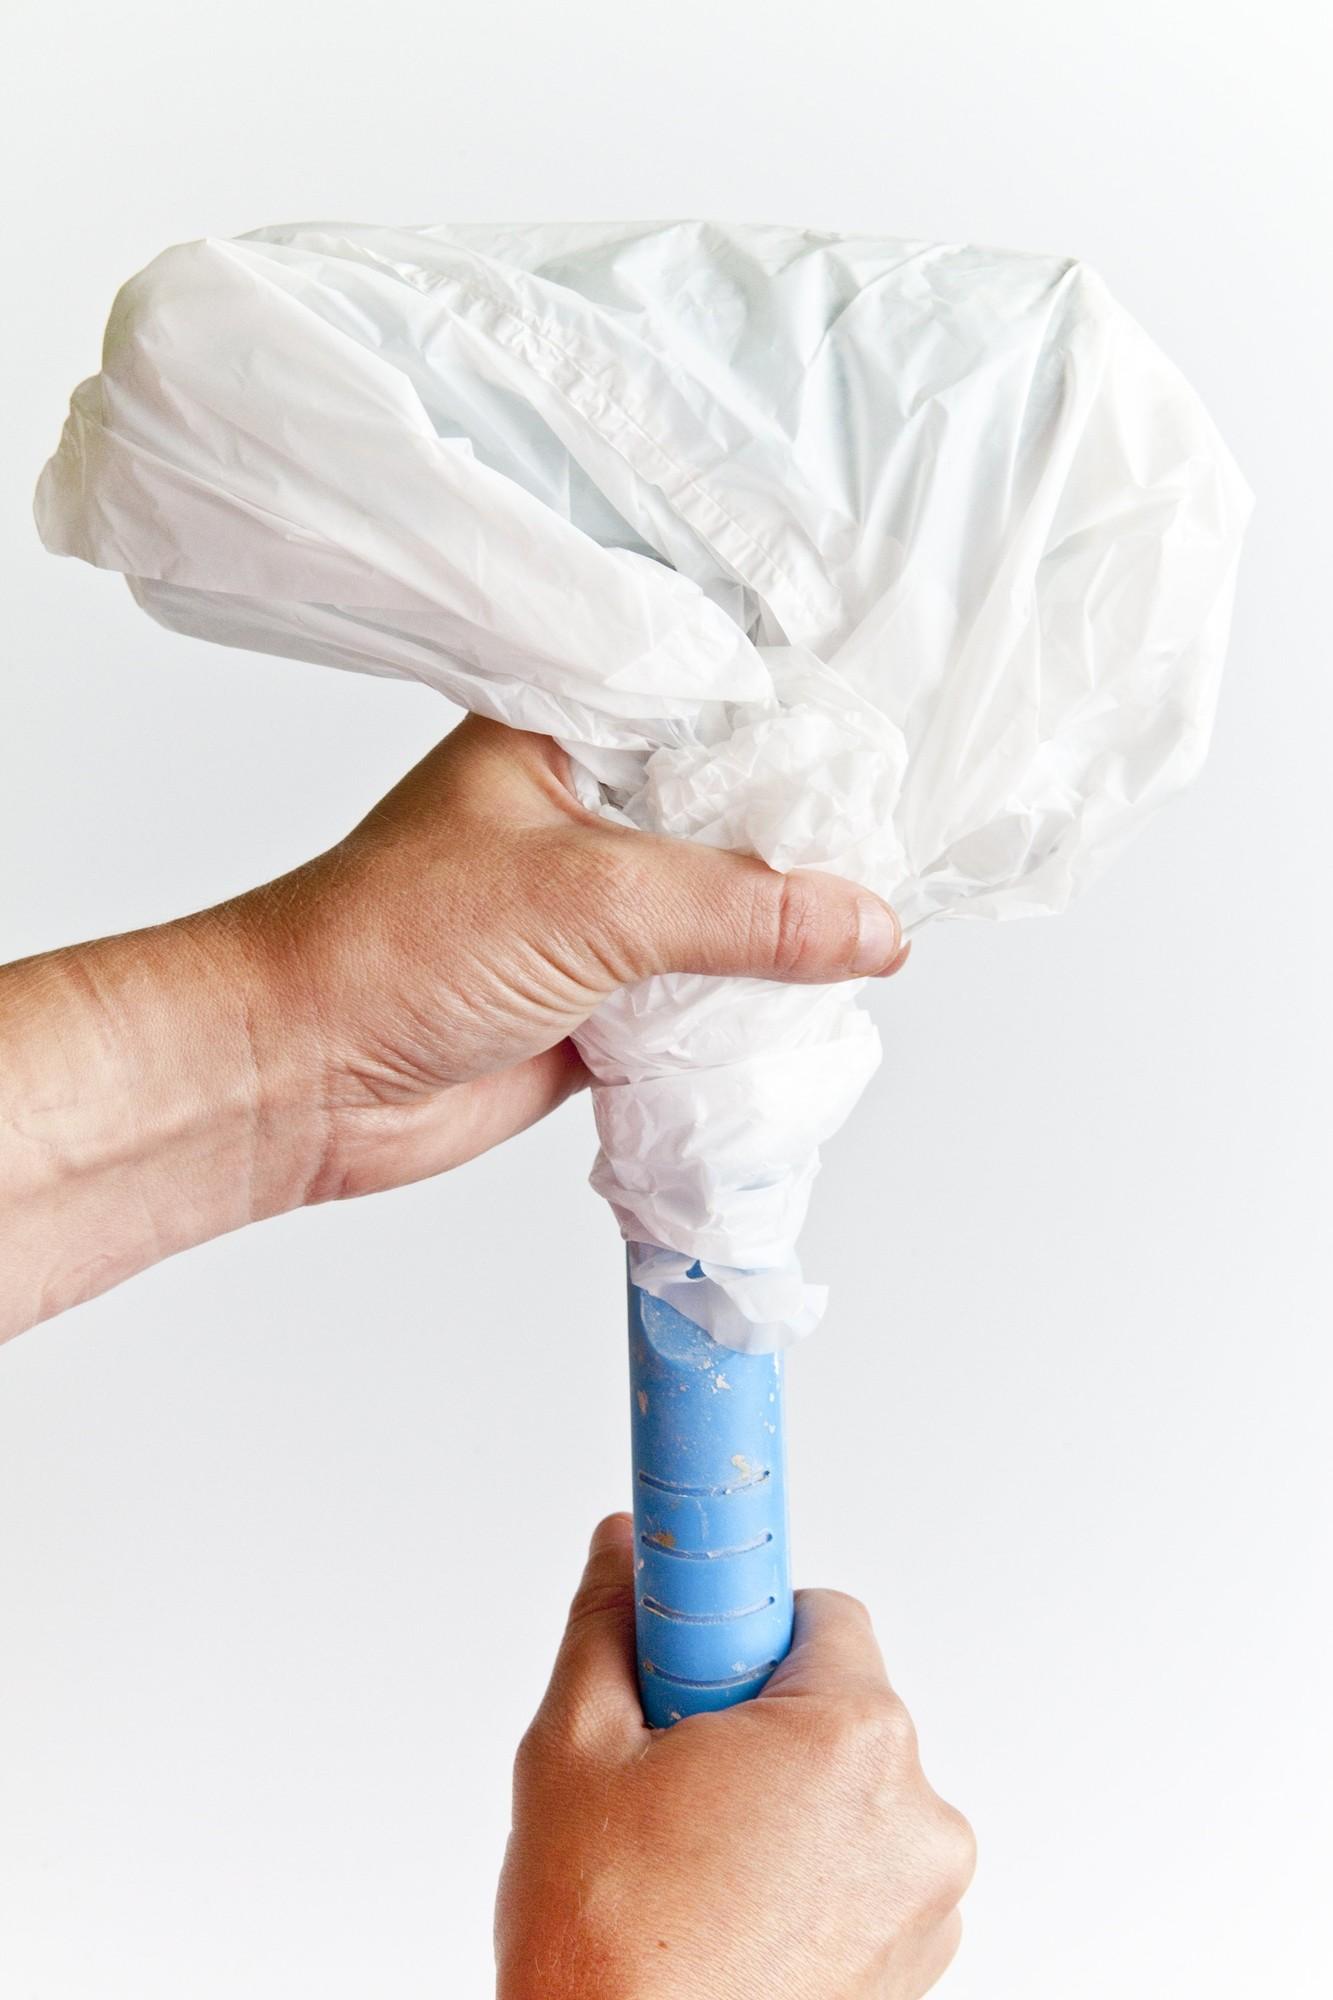 Verfborstels en verfrollen uitwassen: Do's en don'ts